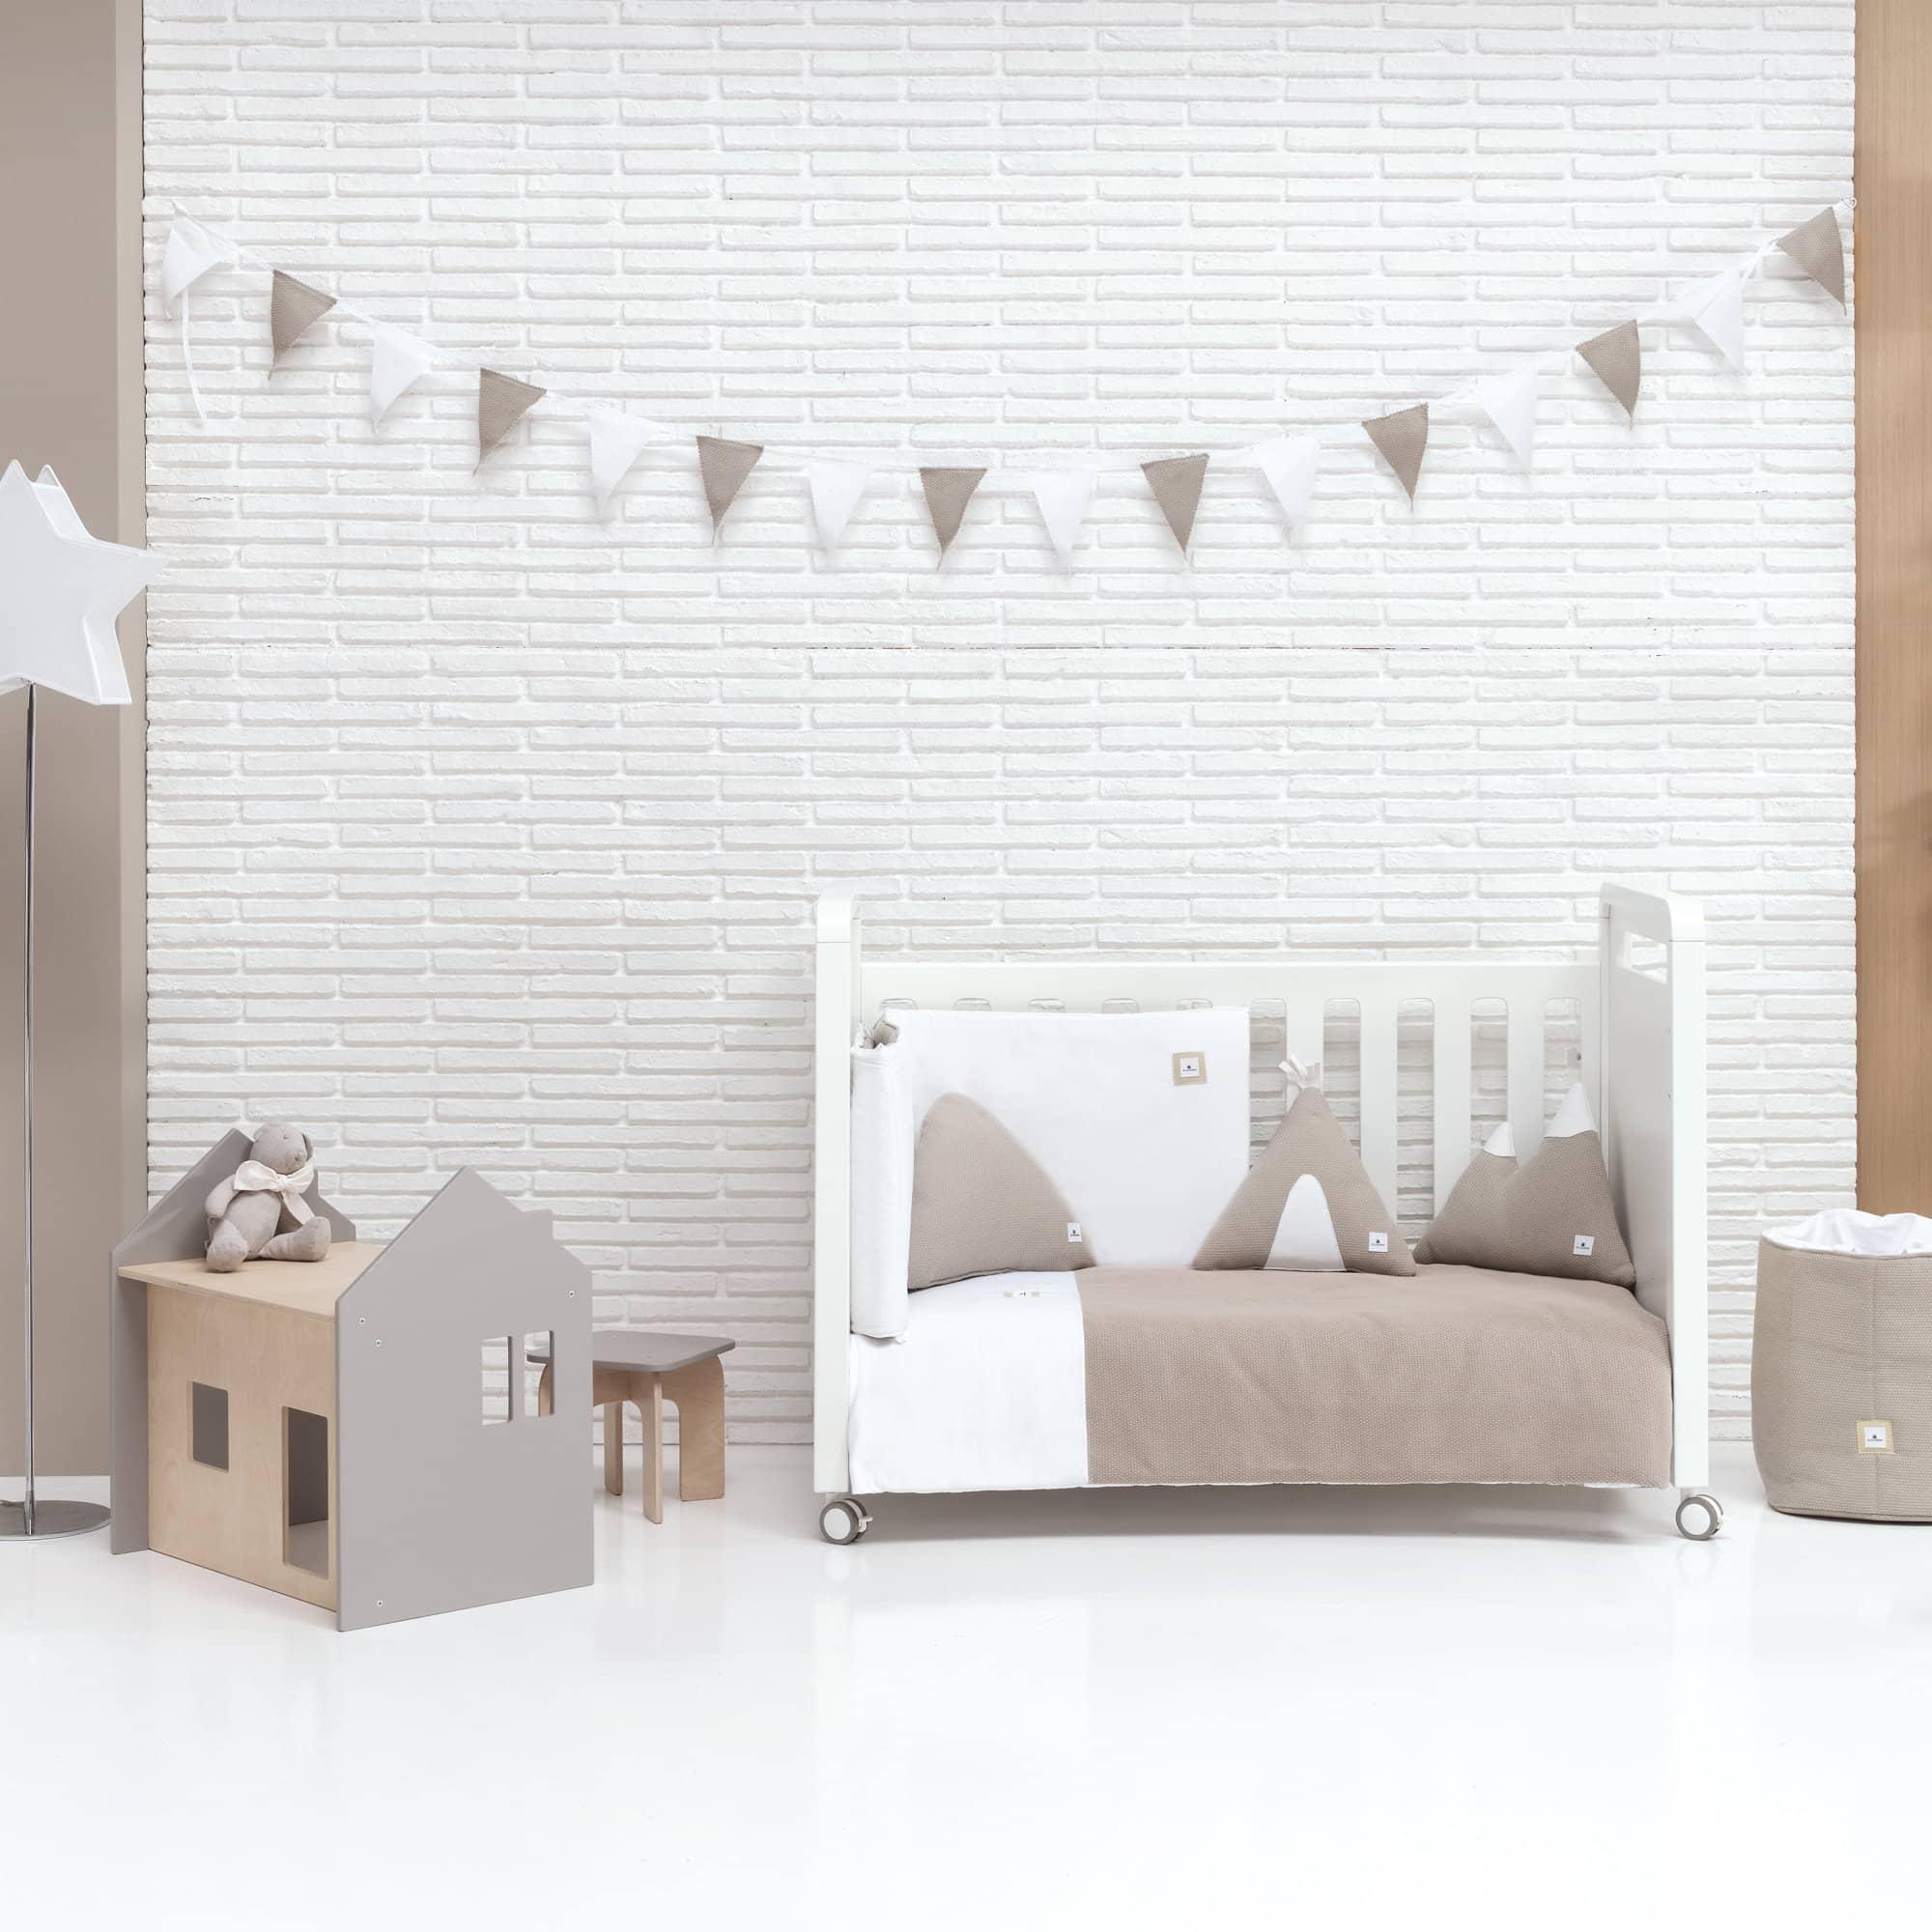 Colección textil para cuna de bebé en color marrón